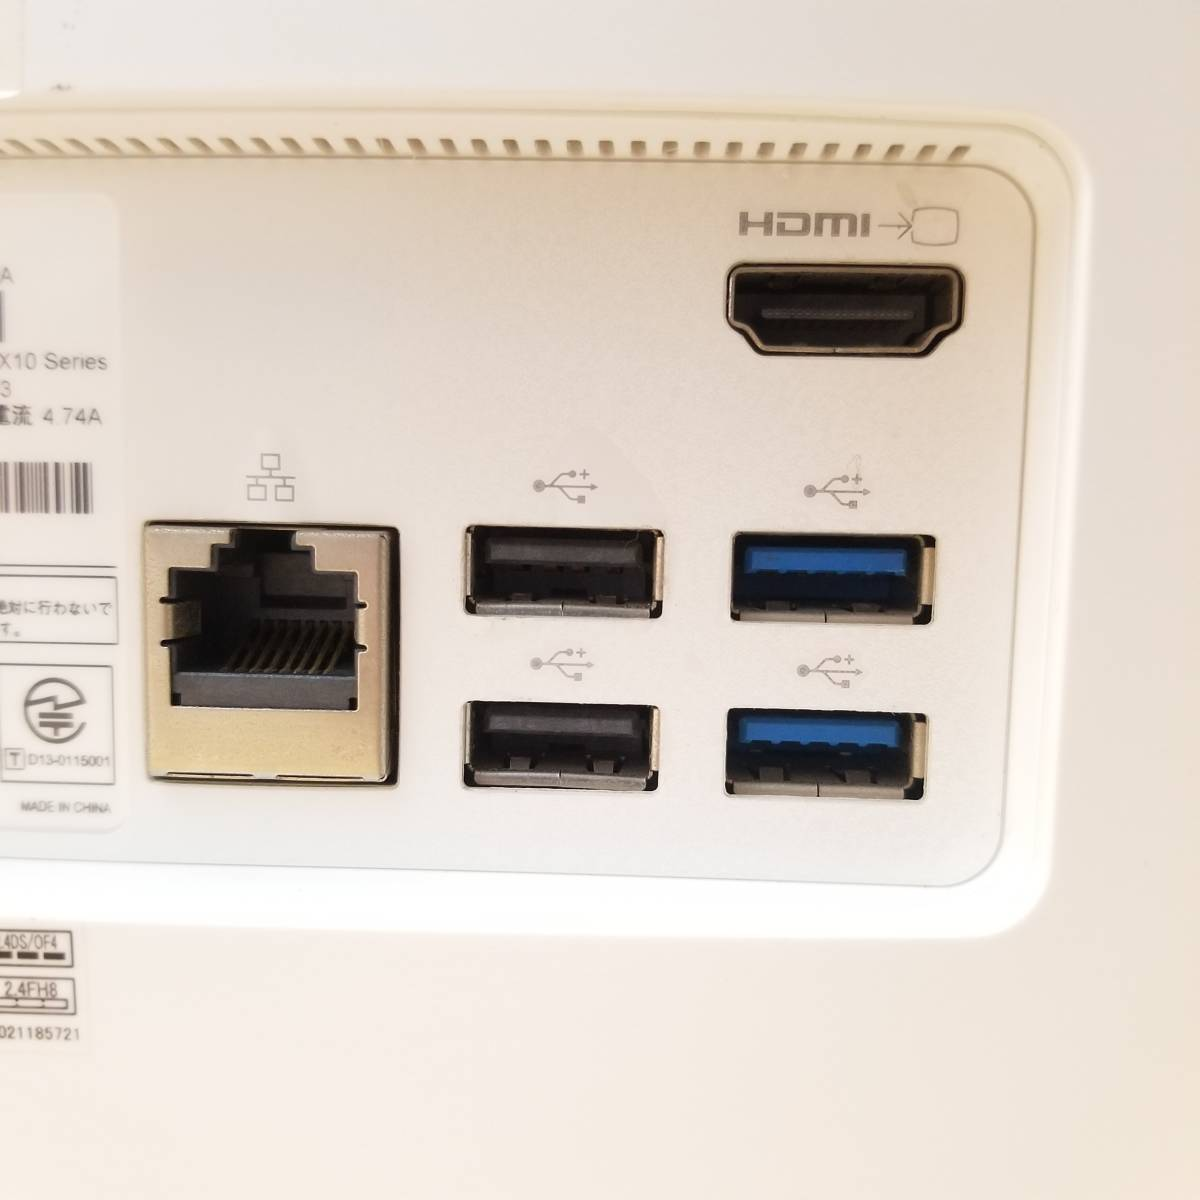 ★2015年モデル・美品★HDD1TB/メモリ4GB/無線 Wi-Fi/Webカメラ/最新Office搭載/Win10/高性能Celeron 3215U搭載/DynaBook D51/TW(C7981)_★HDMI端子・USB3.0&2.0搭載★